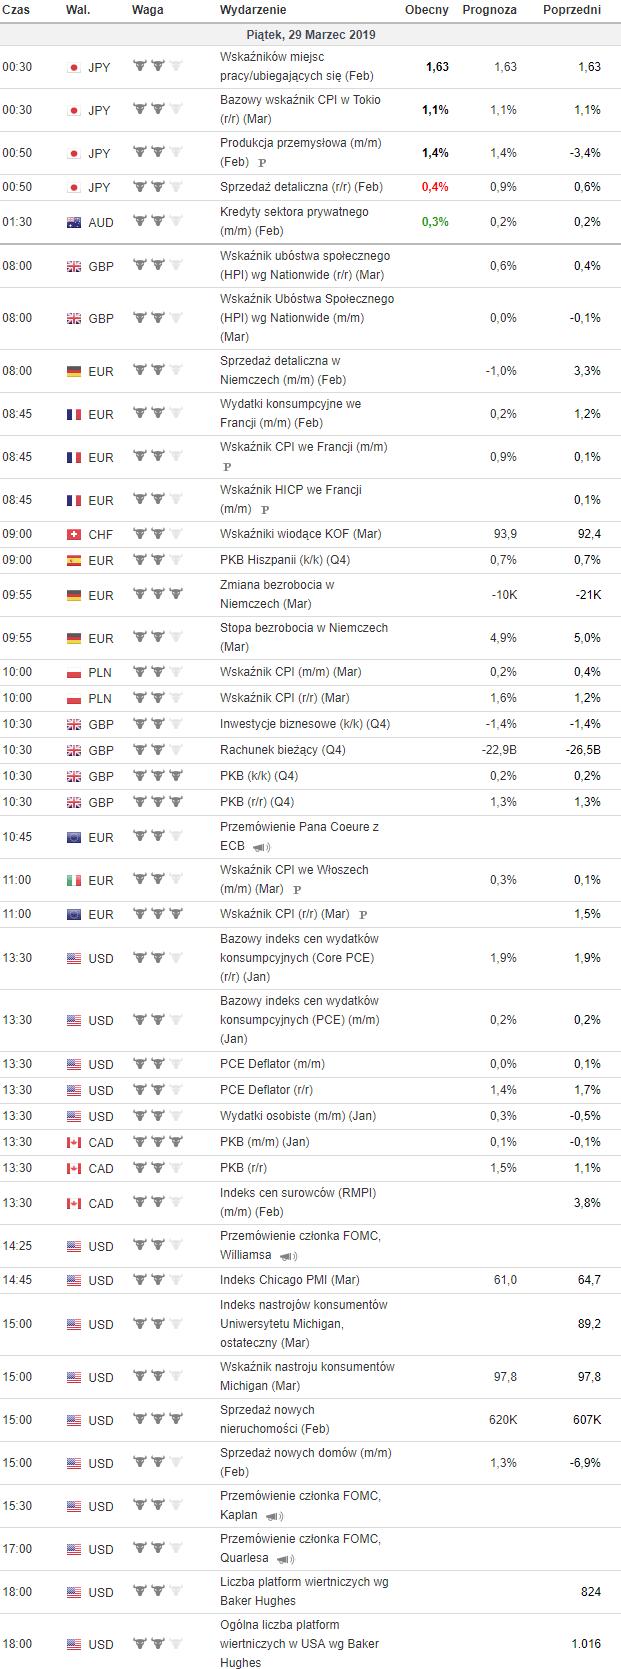 kalendarz makroekonomiczny 29.03.2019